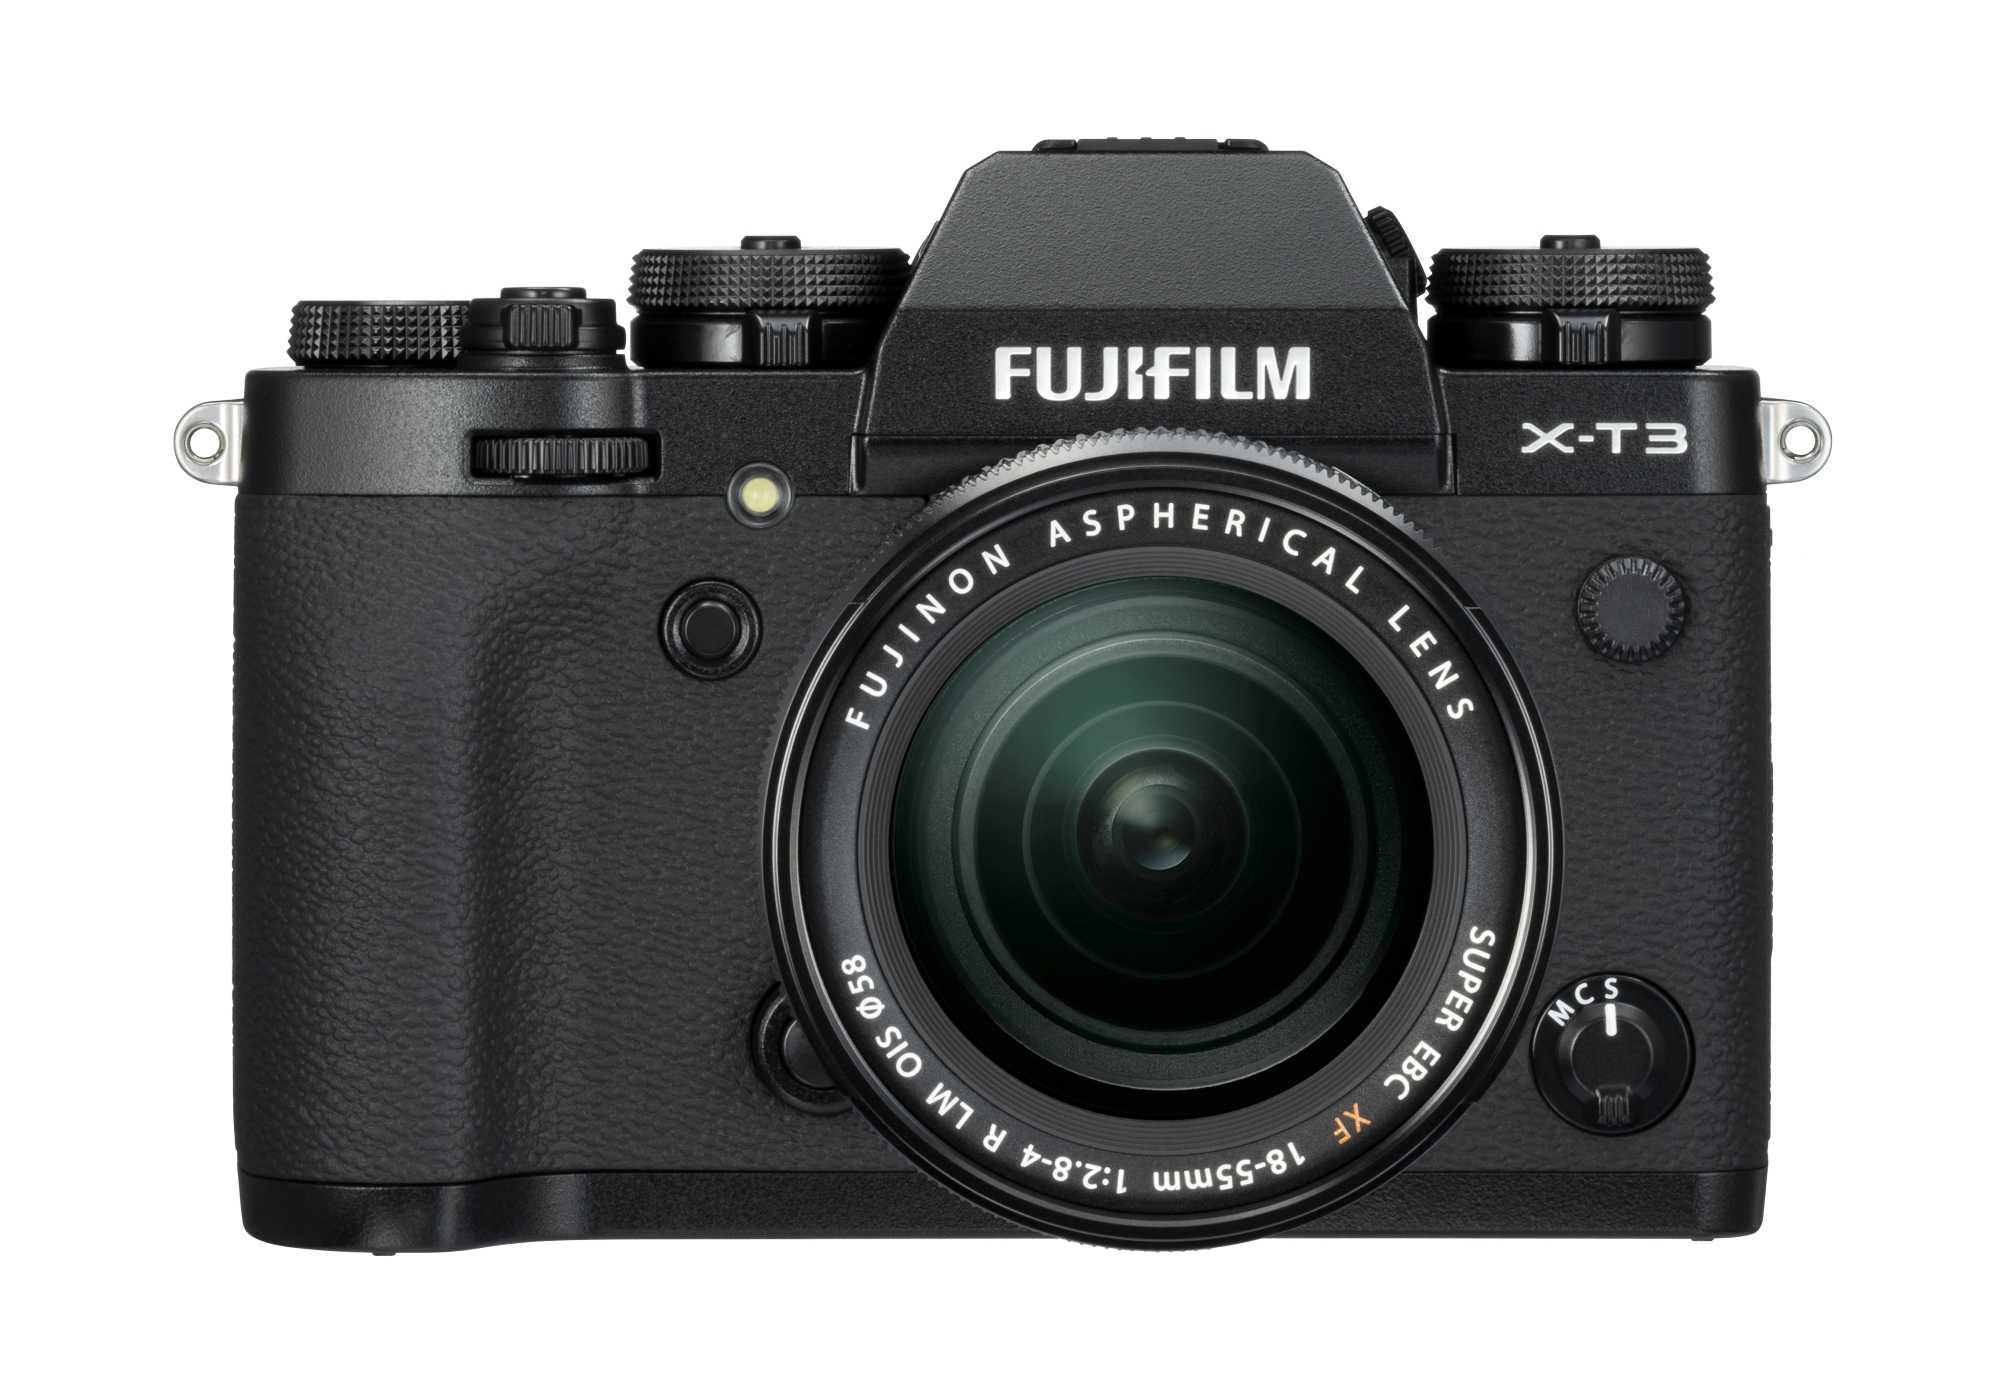 Die X-T3 gibt es in Schwarz und Silber. Sie richtet sich an ambitionierte Fotografen.